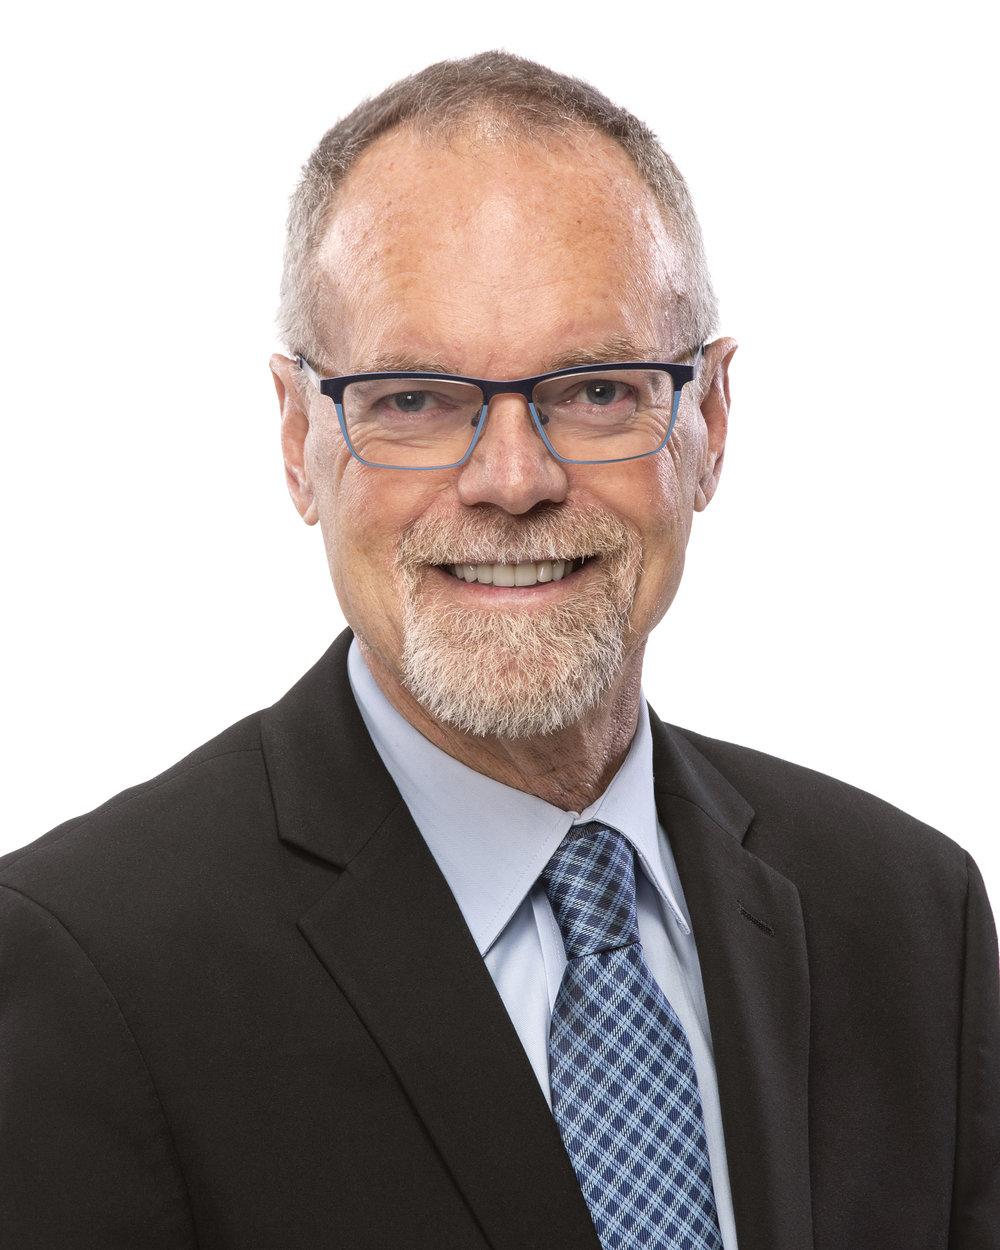 Dr. Bill Andrews